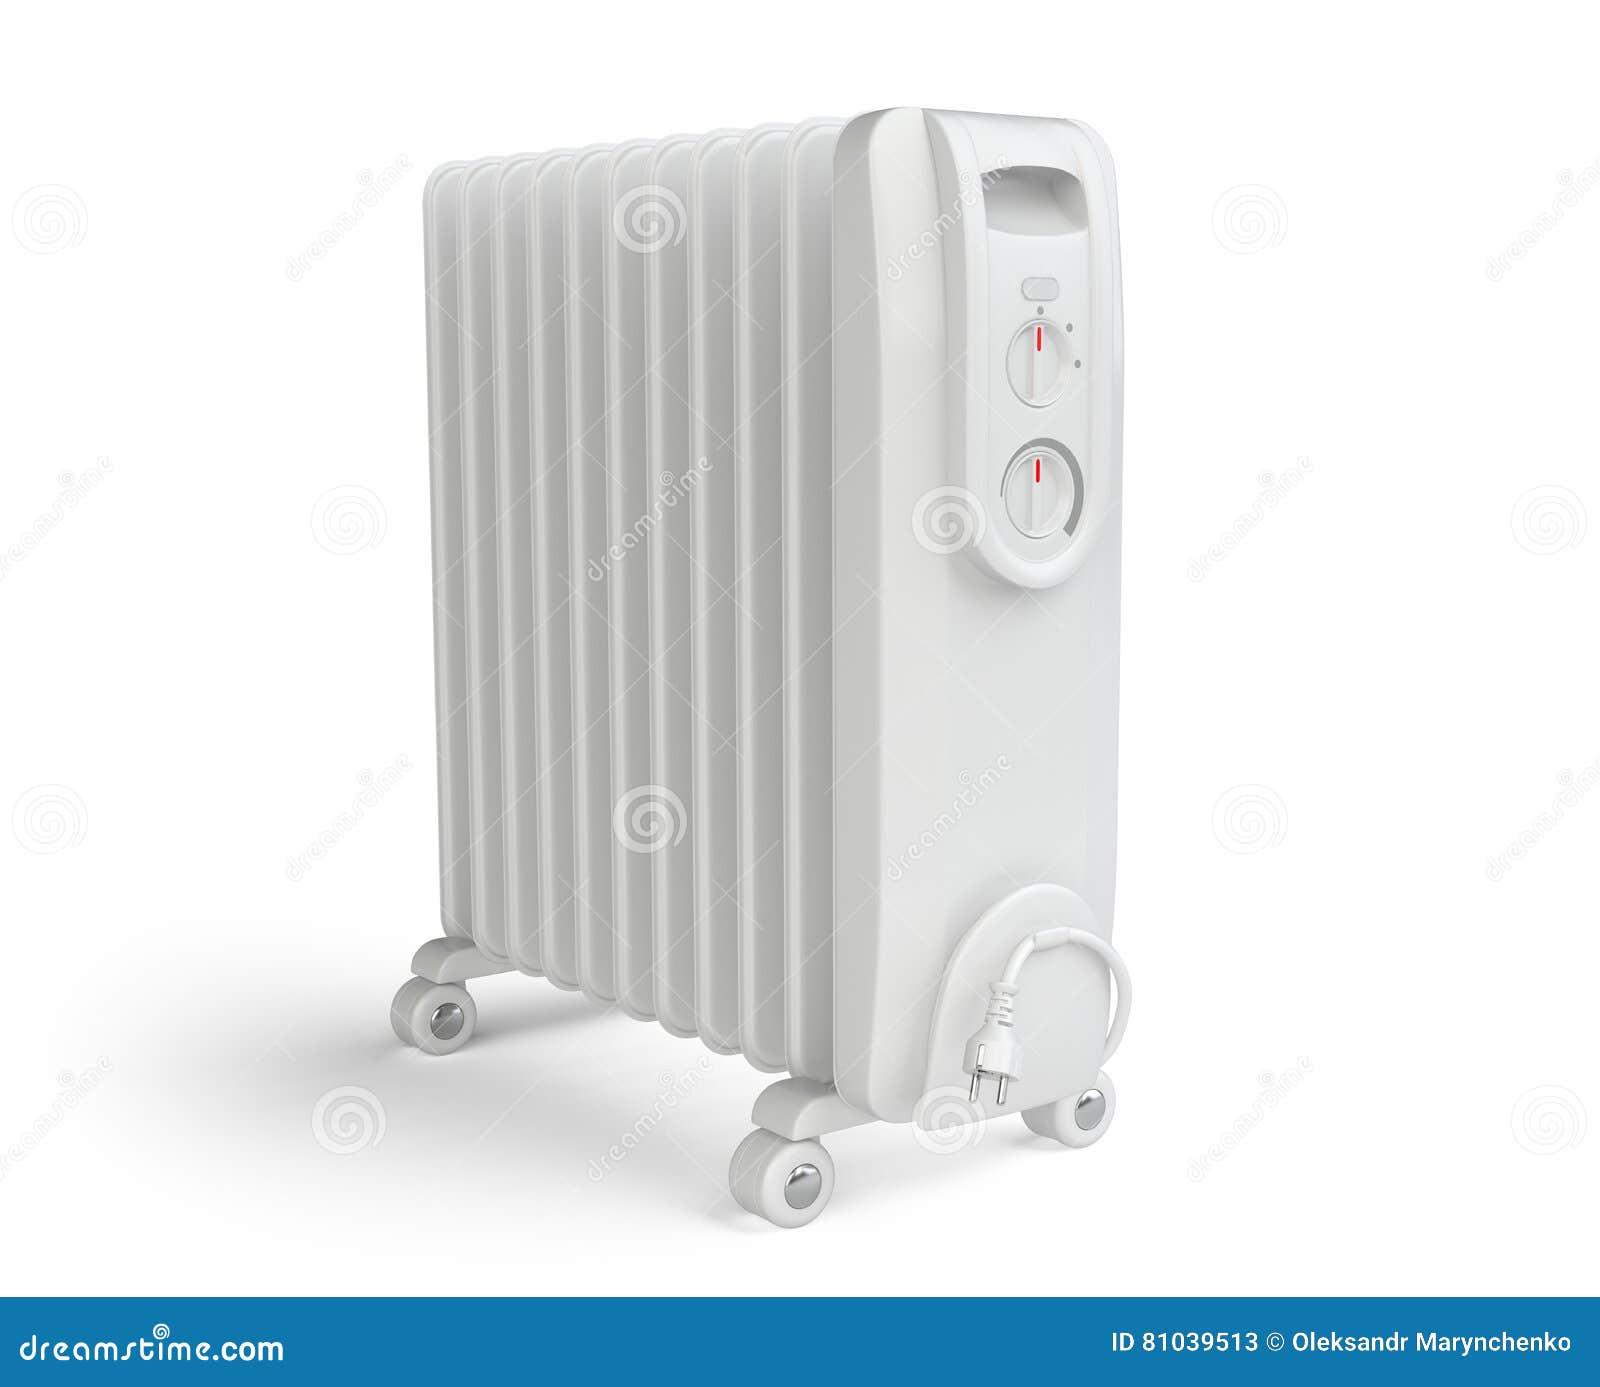 Calentador el ctrico blanco en el aceite en el fondo - Calentador electrico precio ...